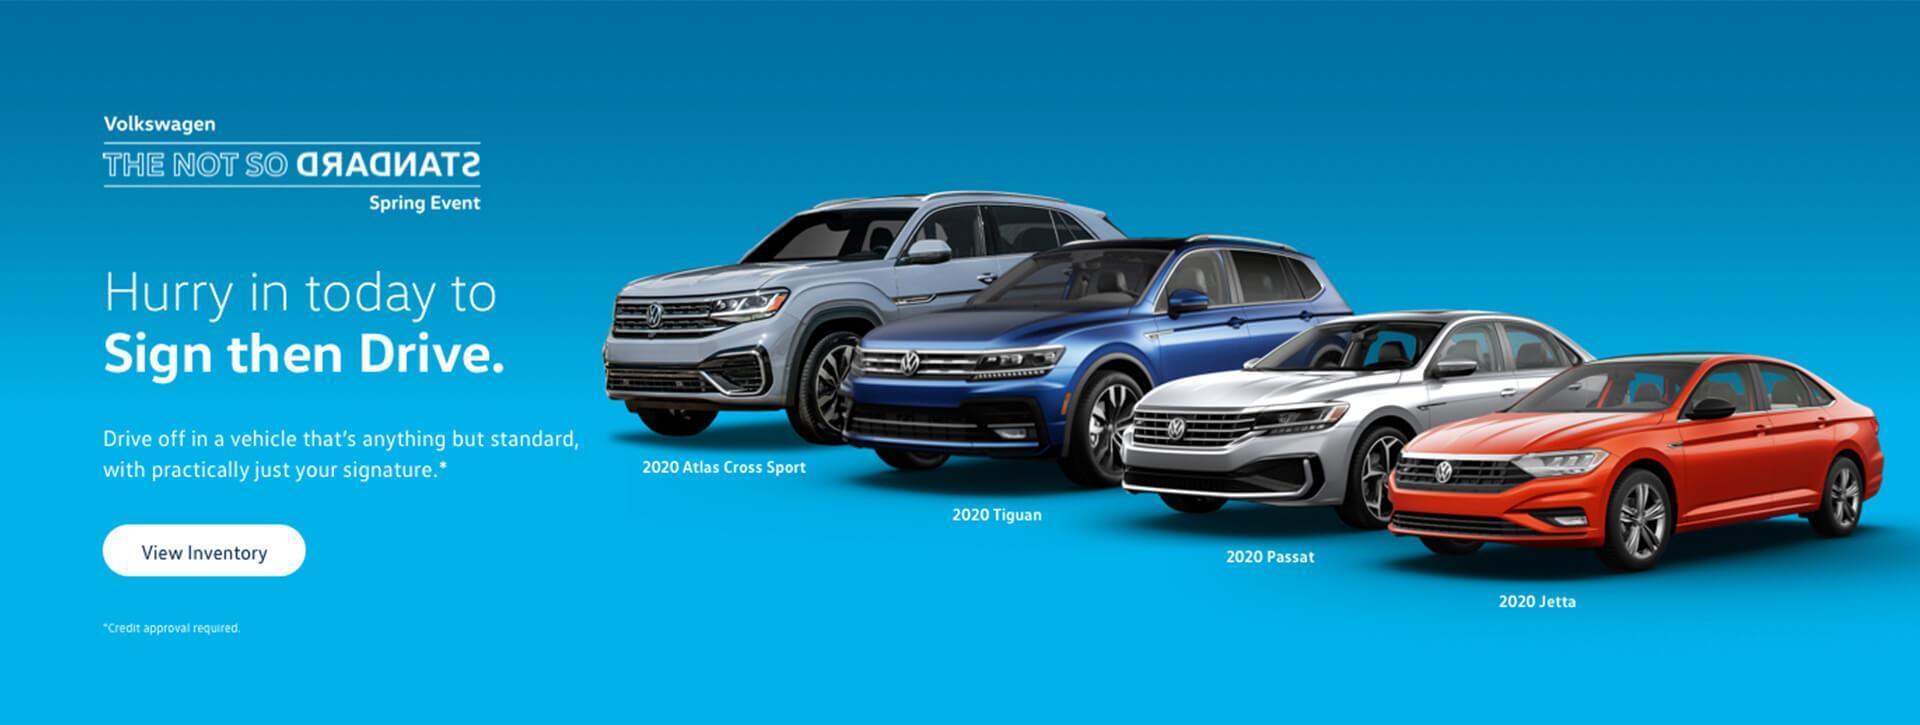 2020 Volkswagen